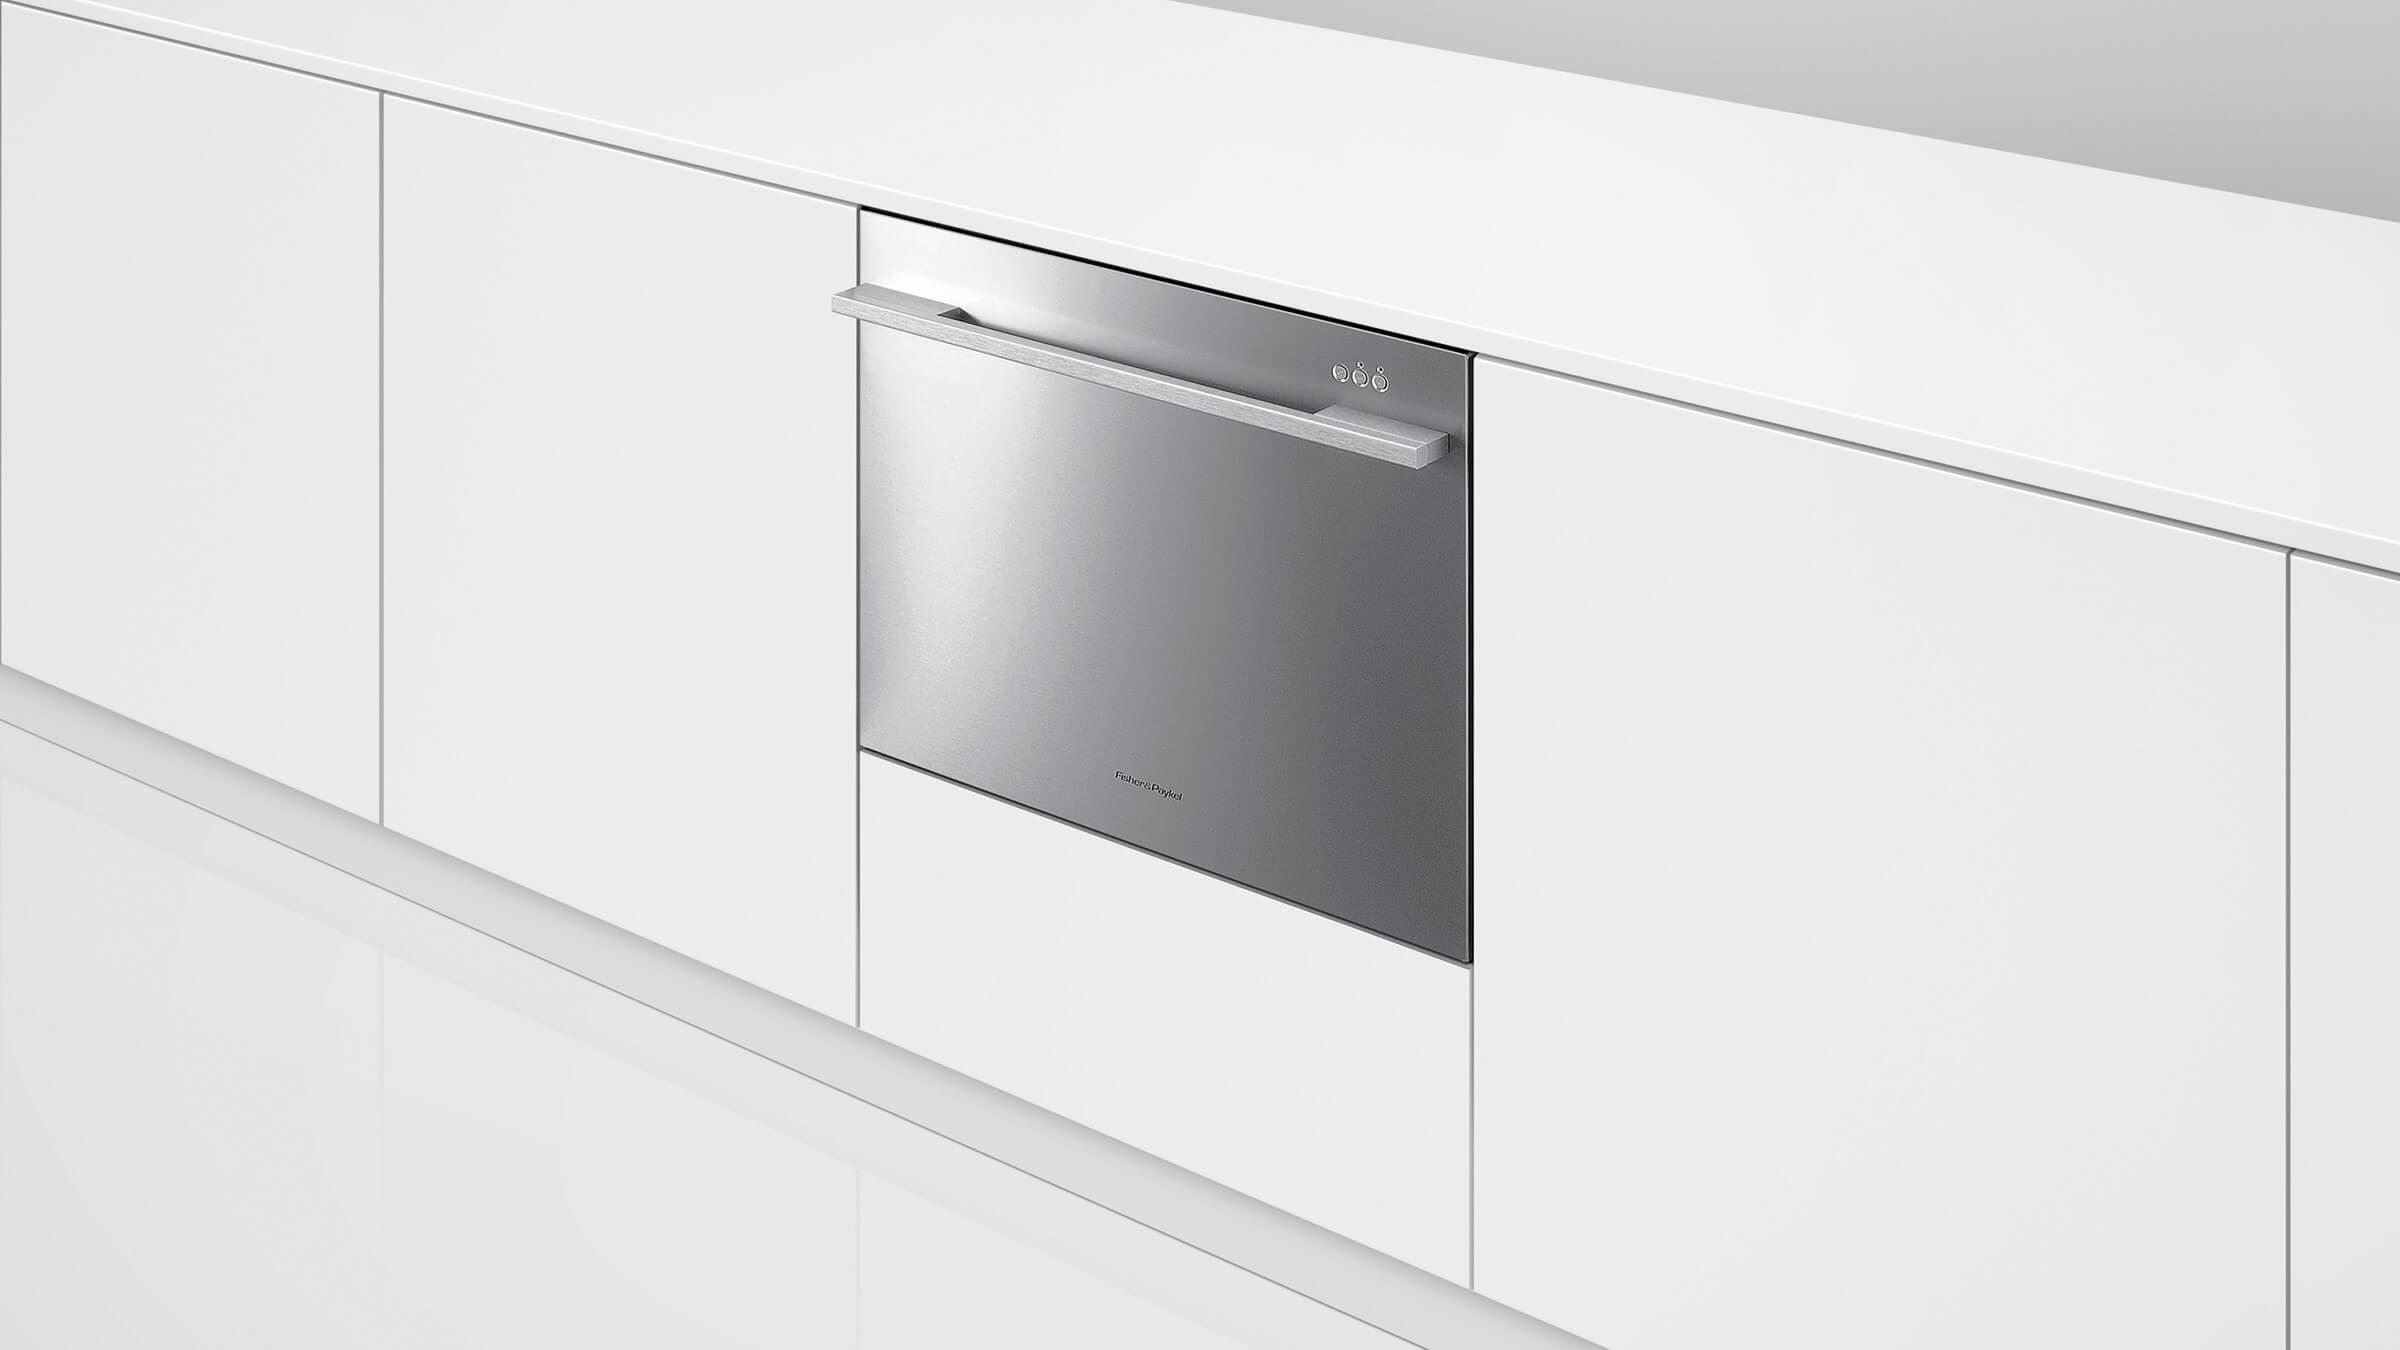 Plain Kitchenaid Dishwasher Drawers Slow Cook Warming Drawer To ...